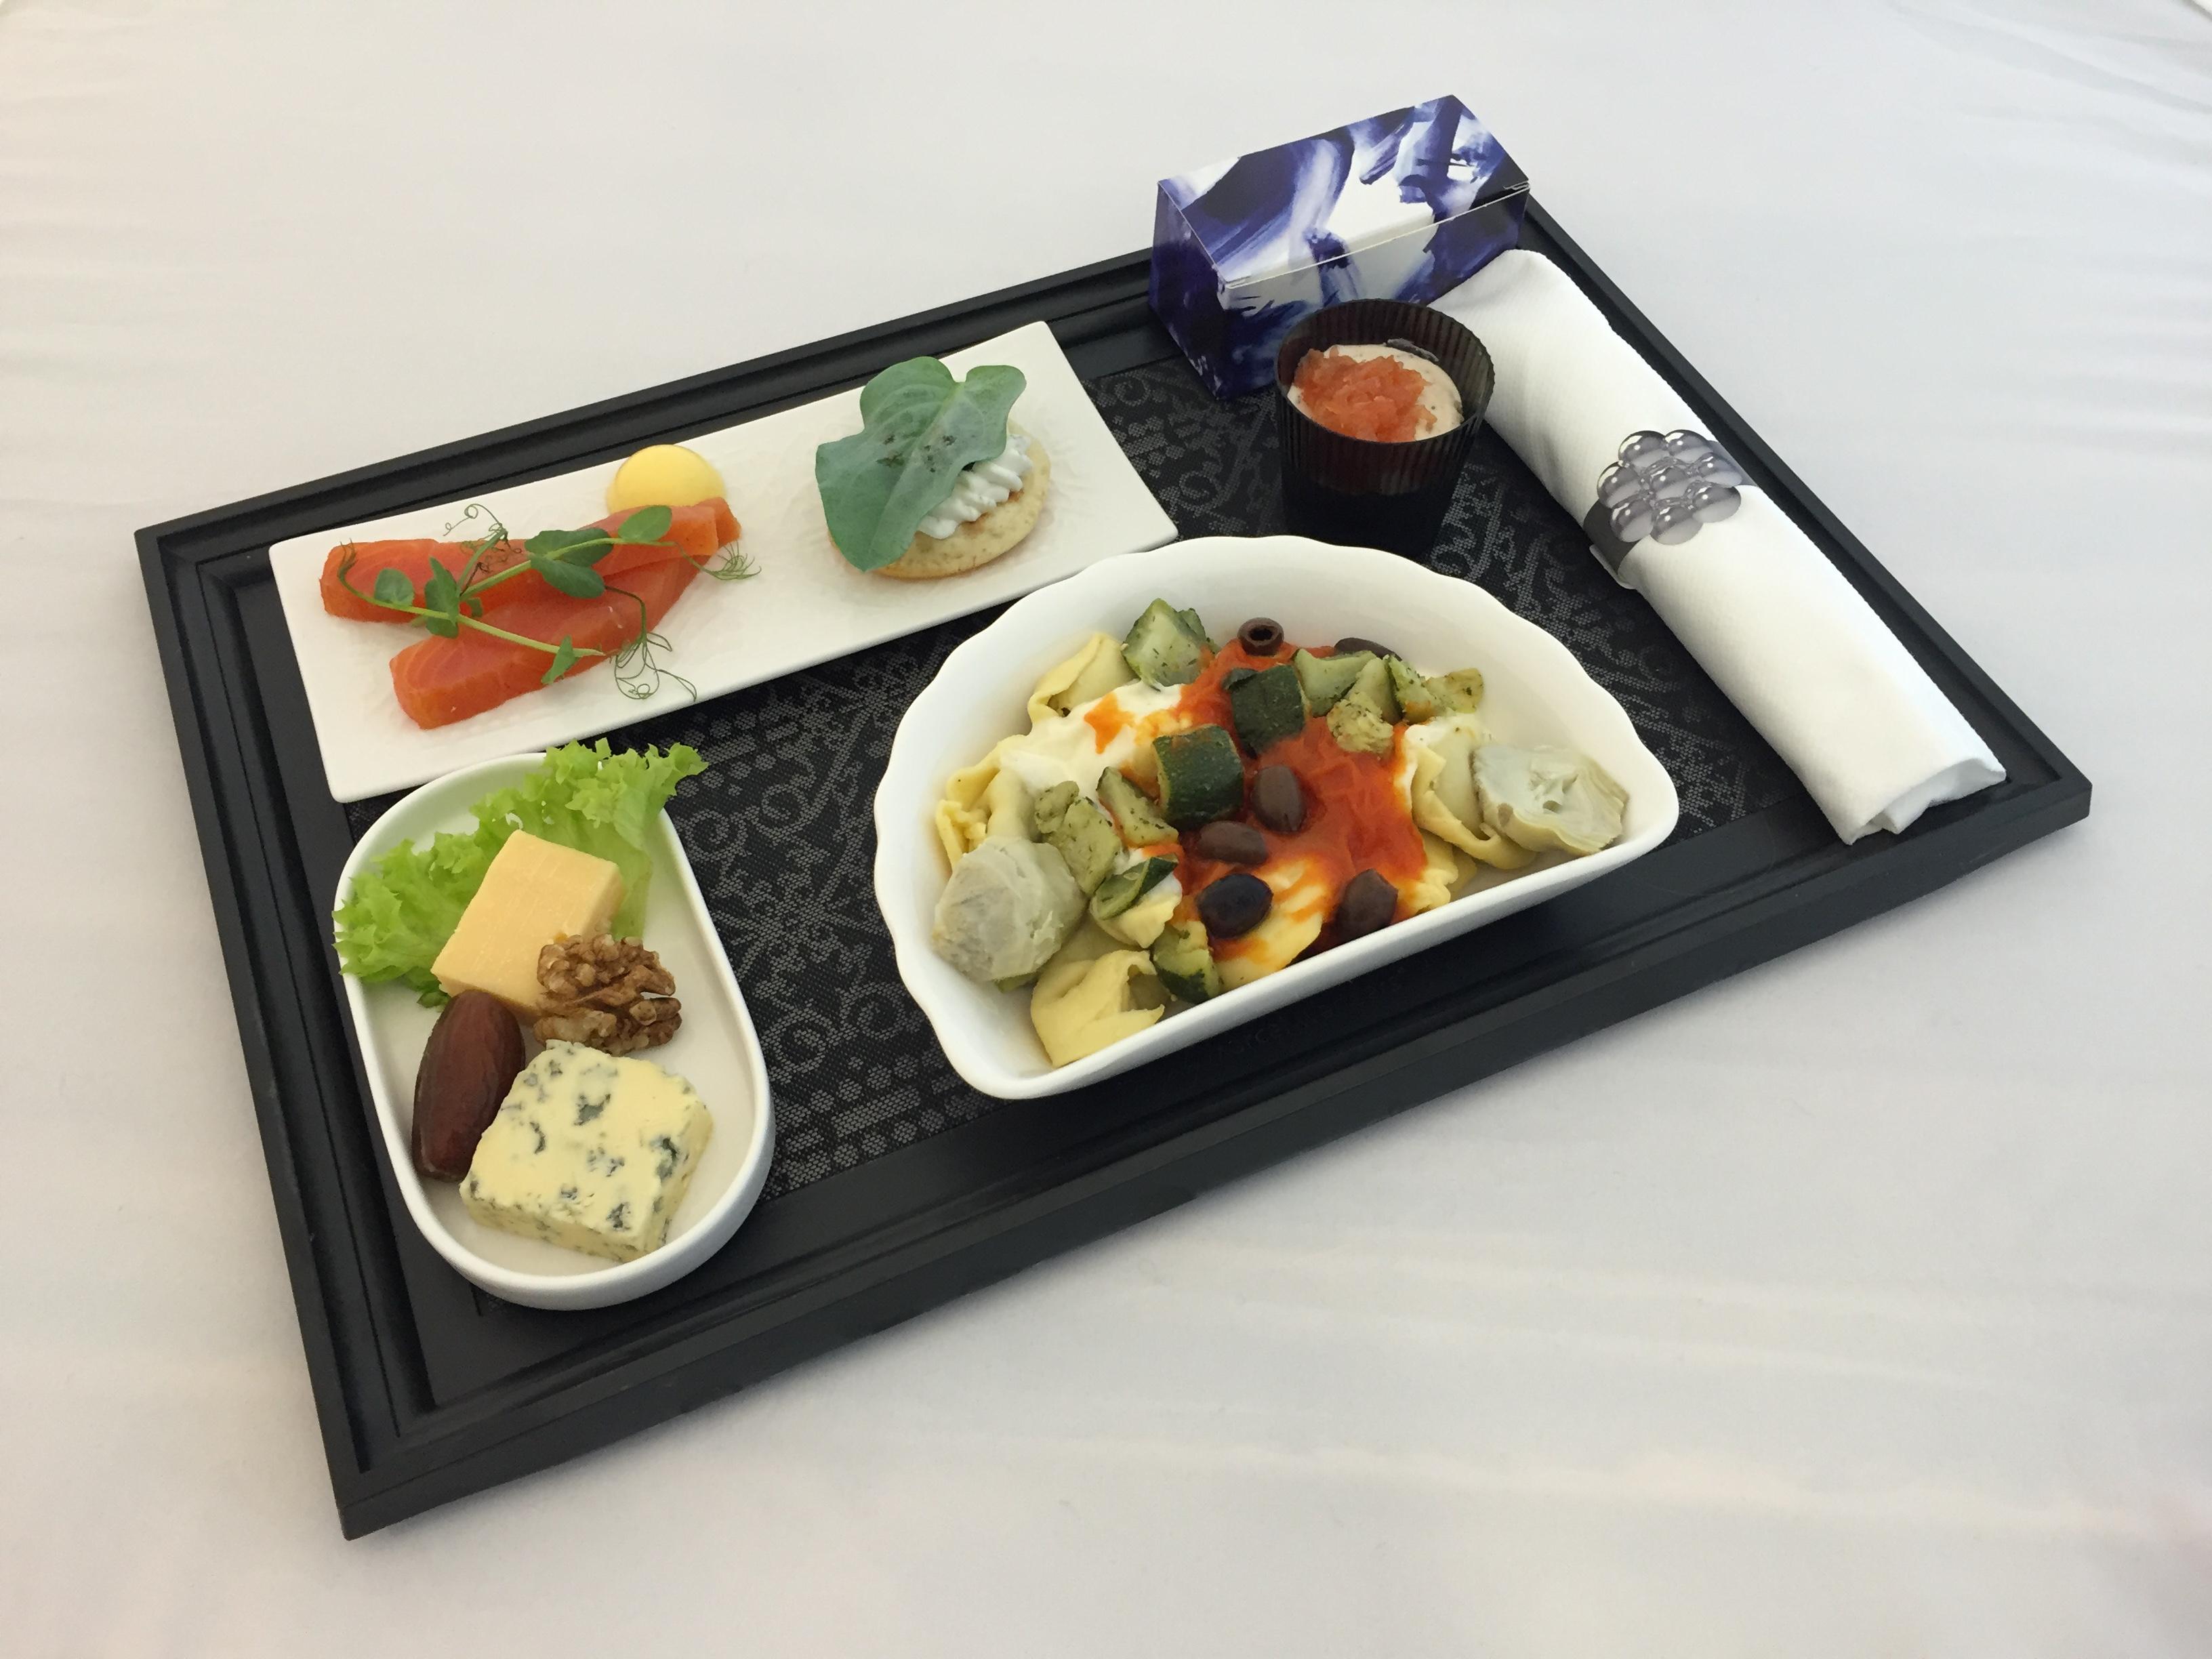 Et eksempel på et måltid i KLMs Business Class. Foto: KLM